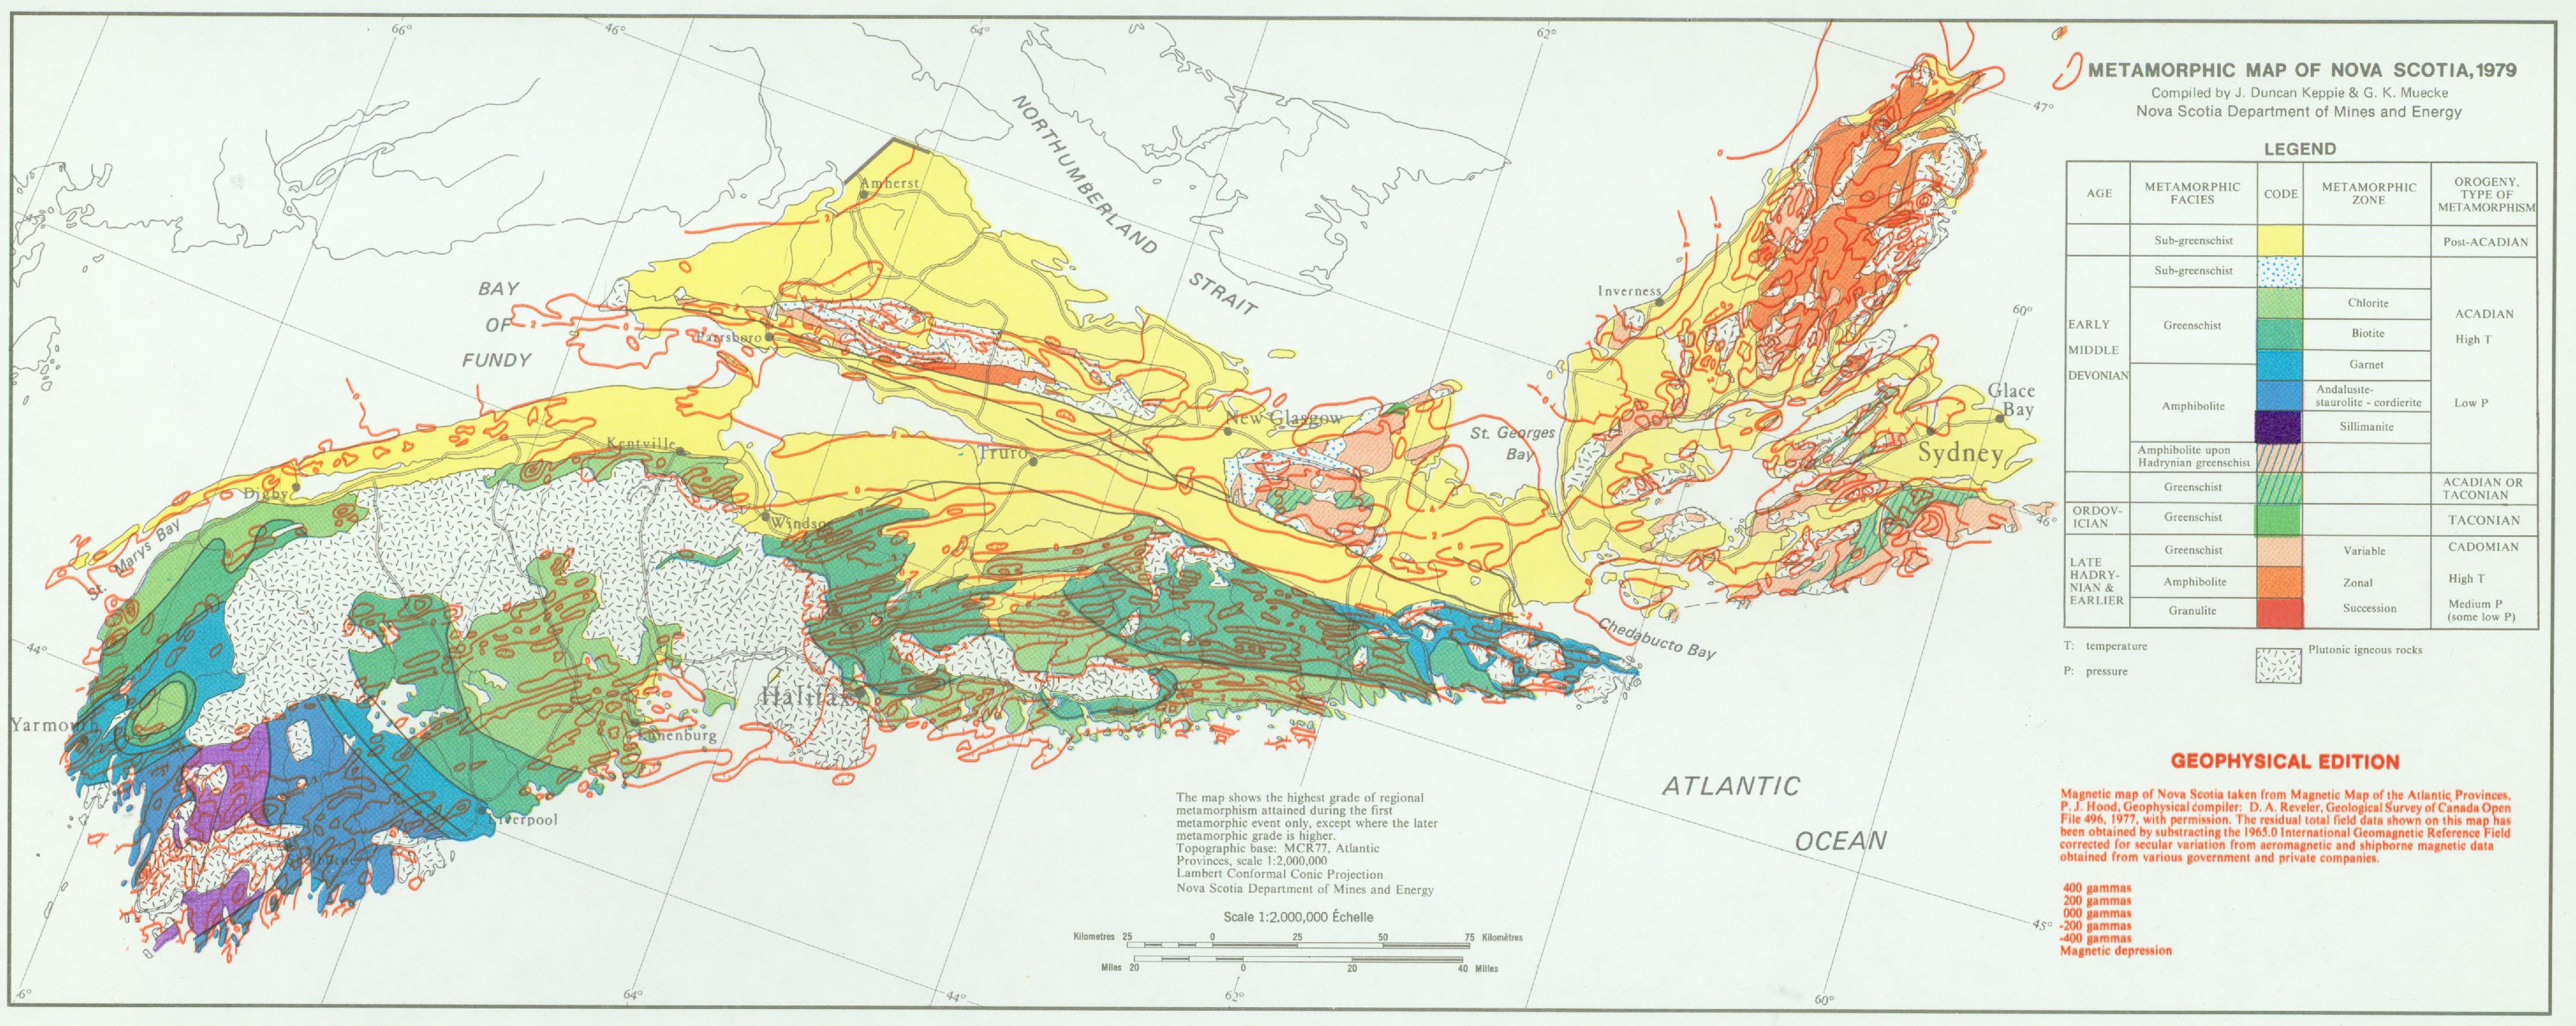 magnetic map of nova scotia